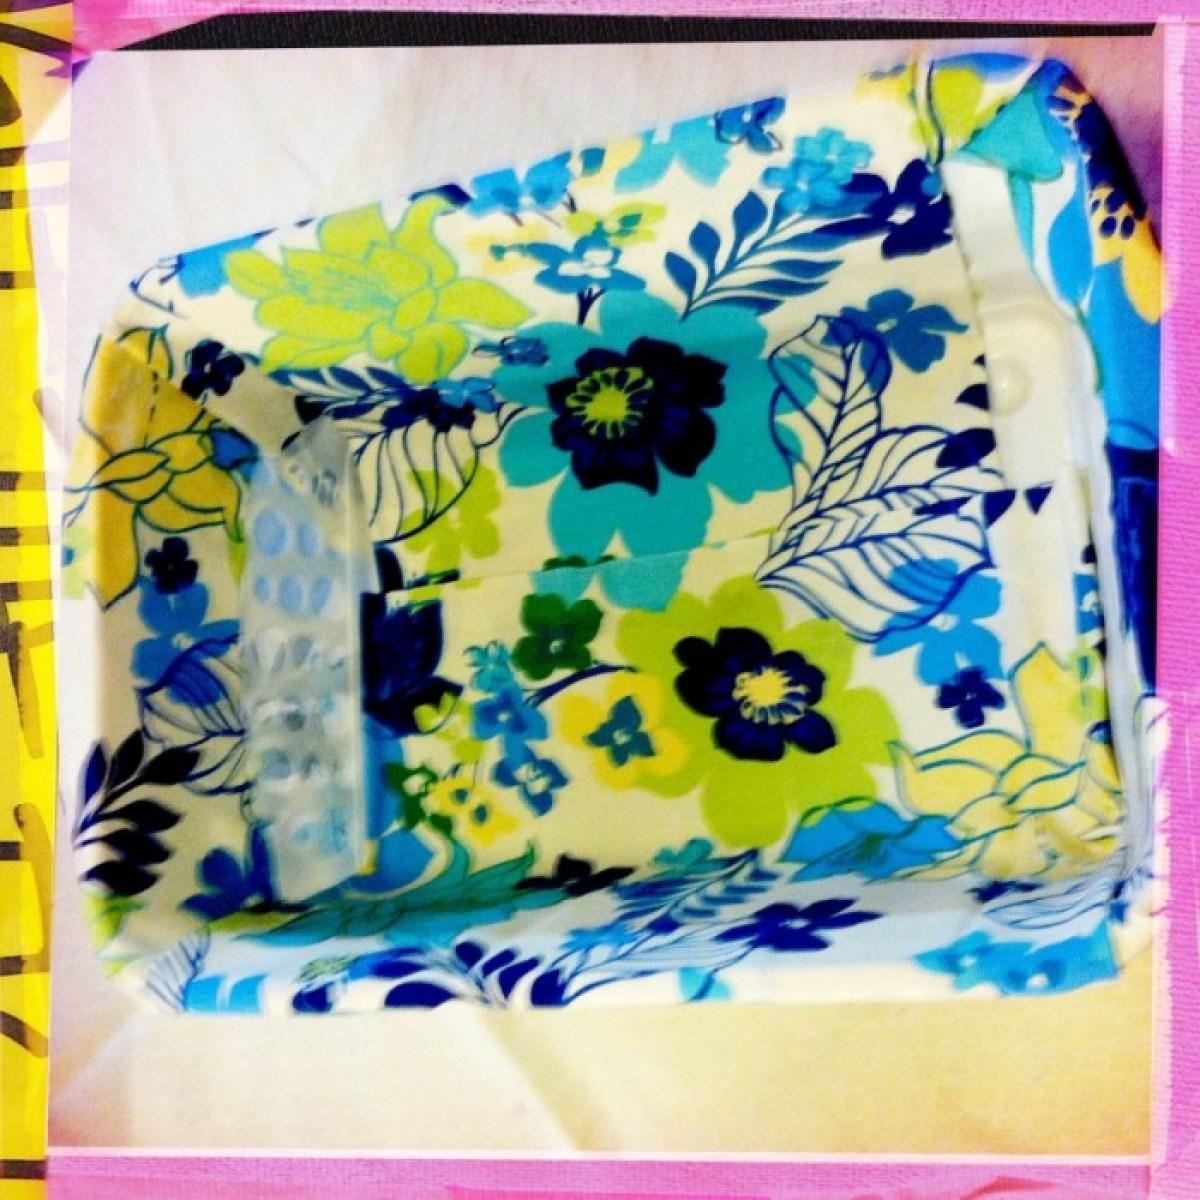 IMG 4055 1 DIY แปลงโฉมตะกร้าพลาสติก เป็นตะกร้าผ้าสุดสวย